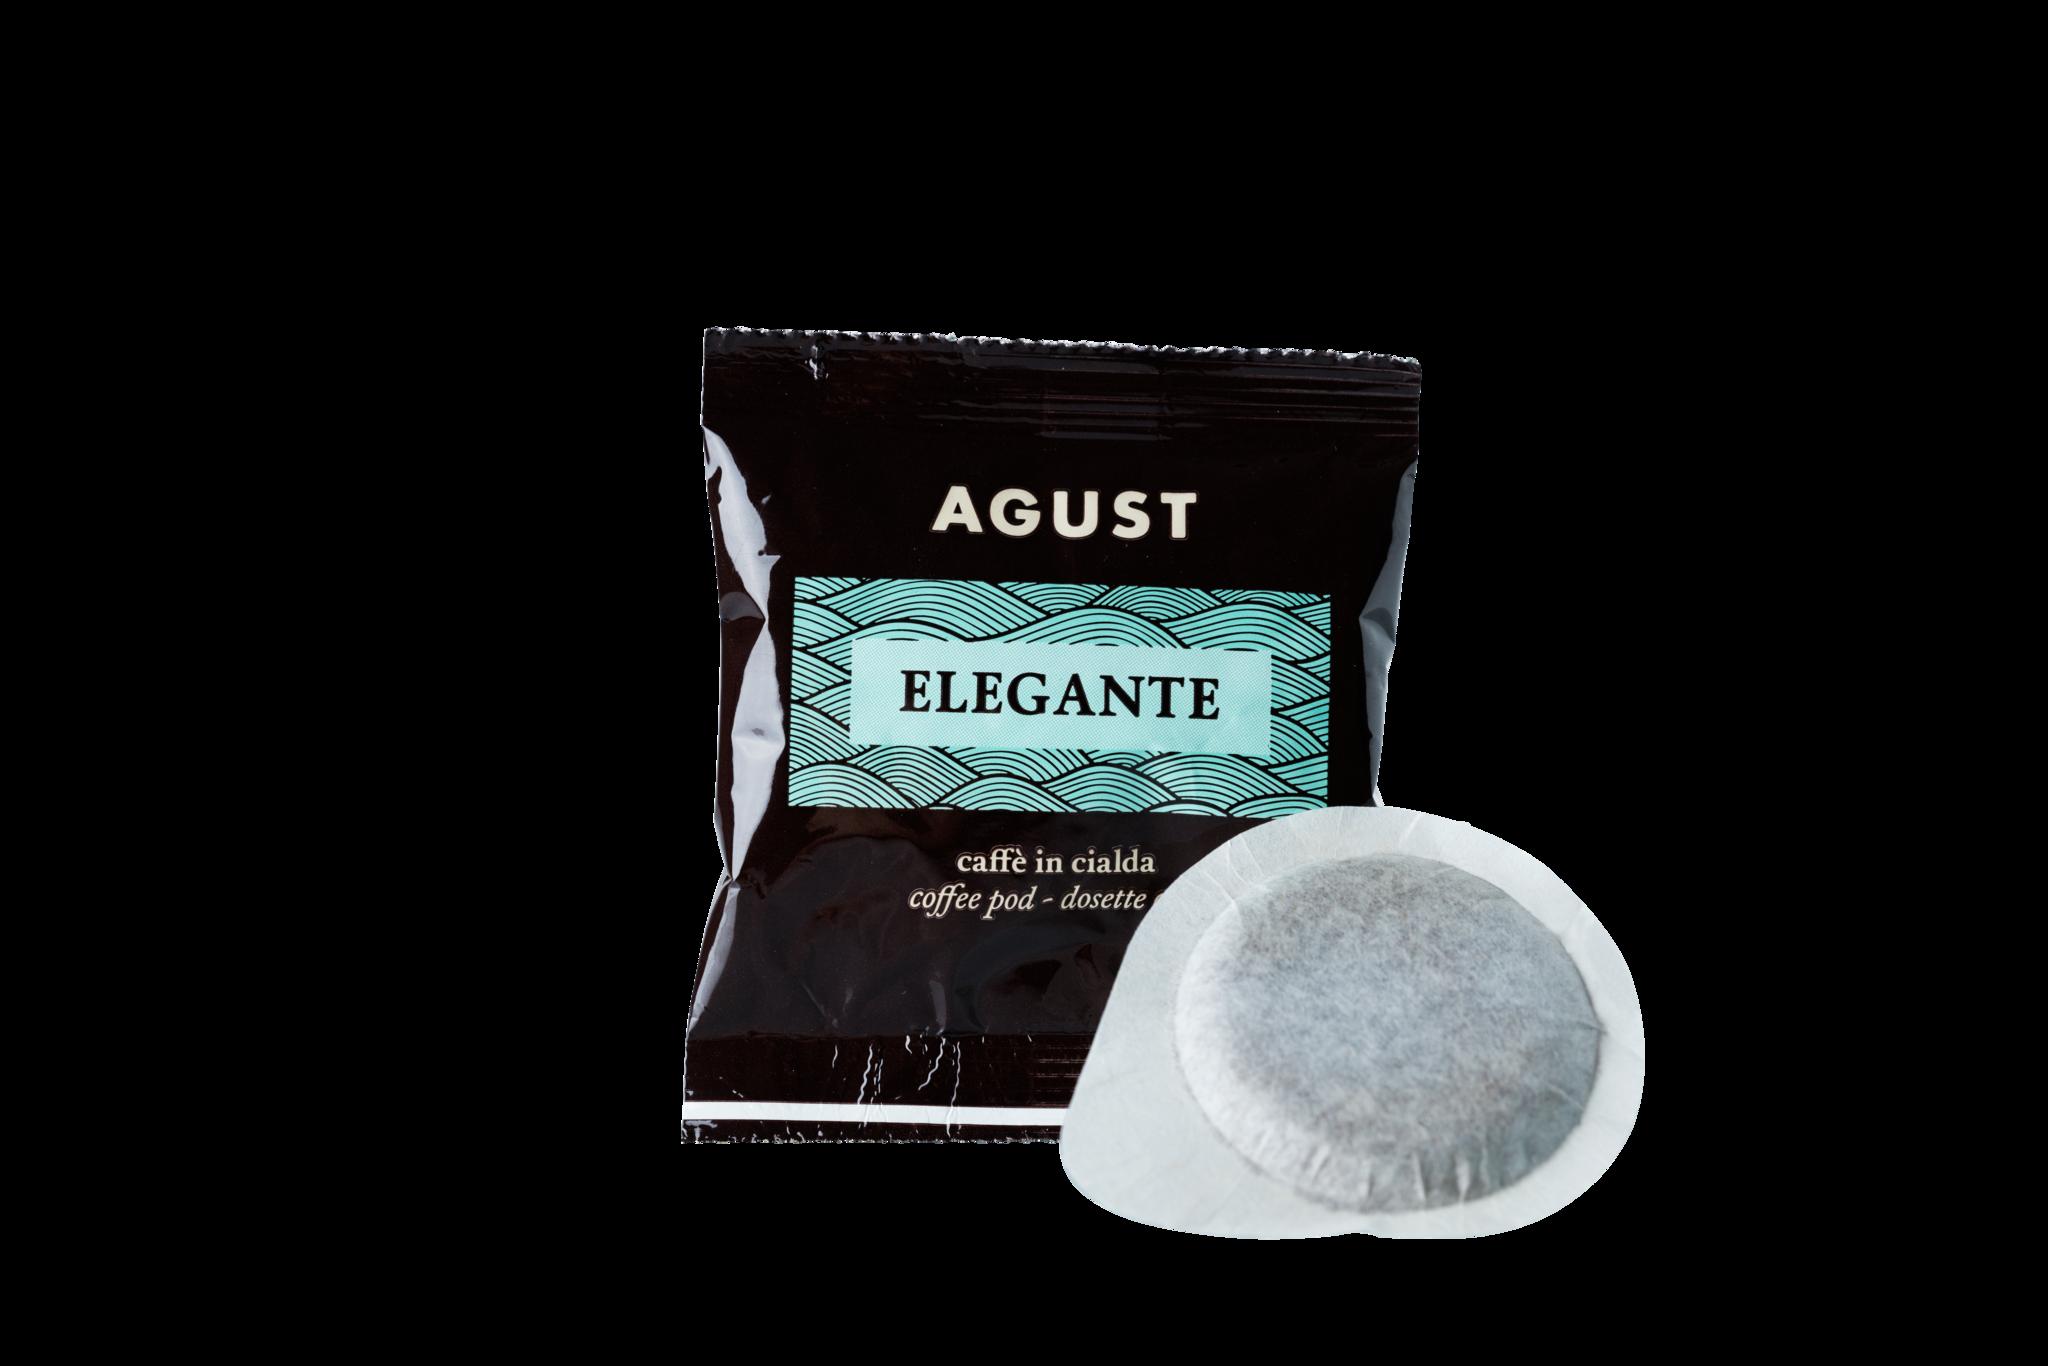 Agust - Cialda elegante